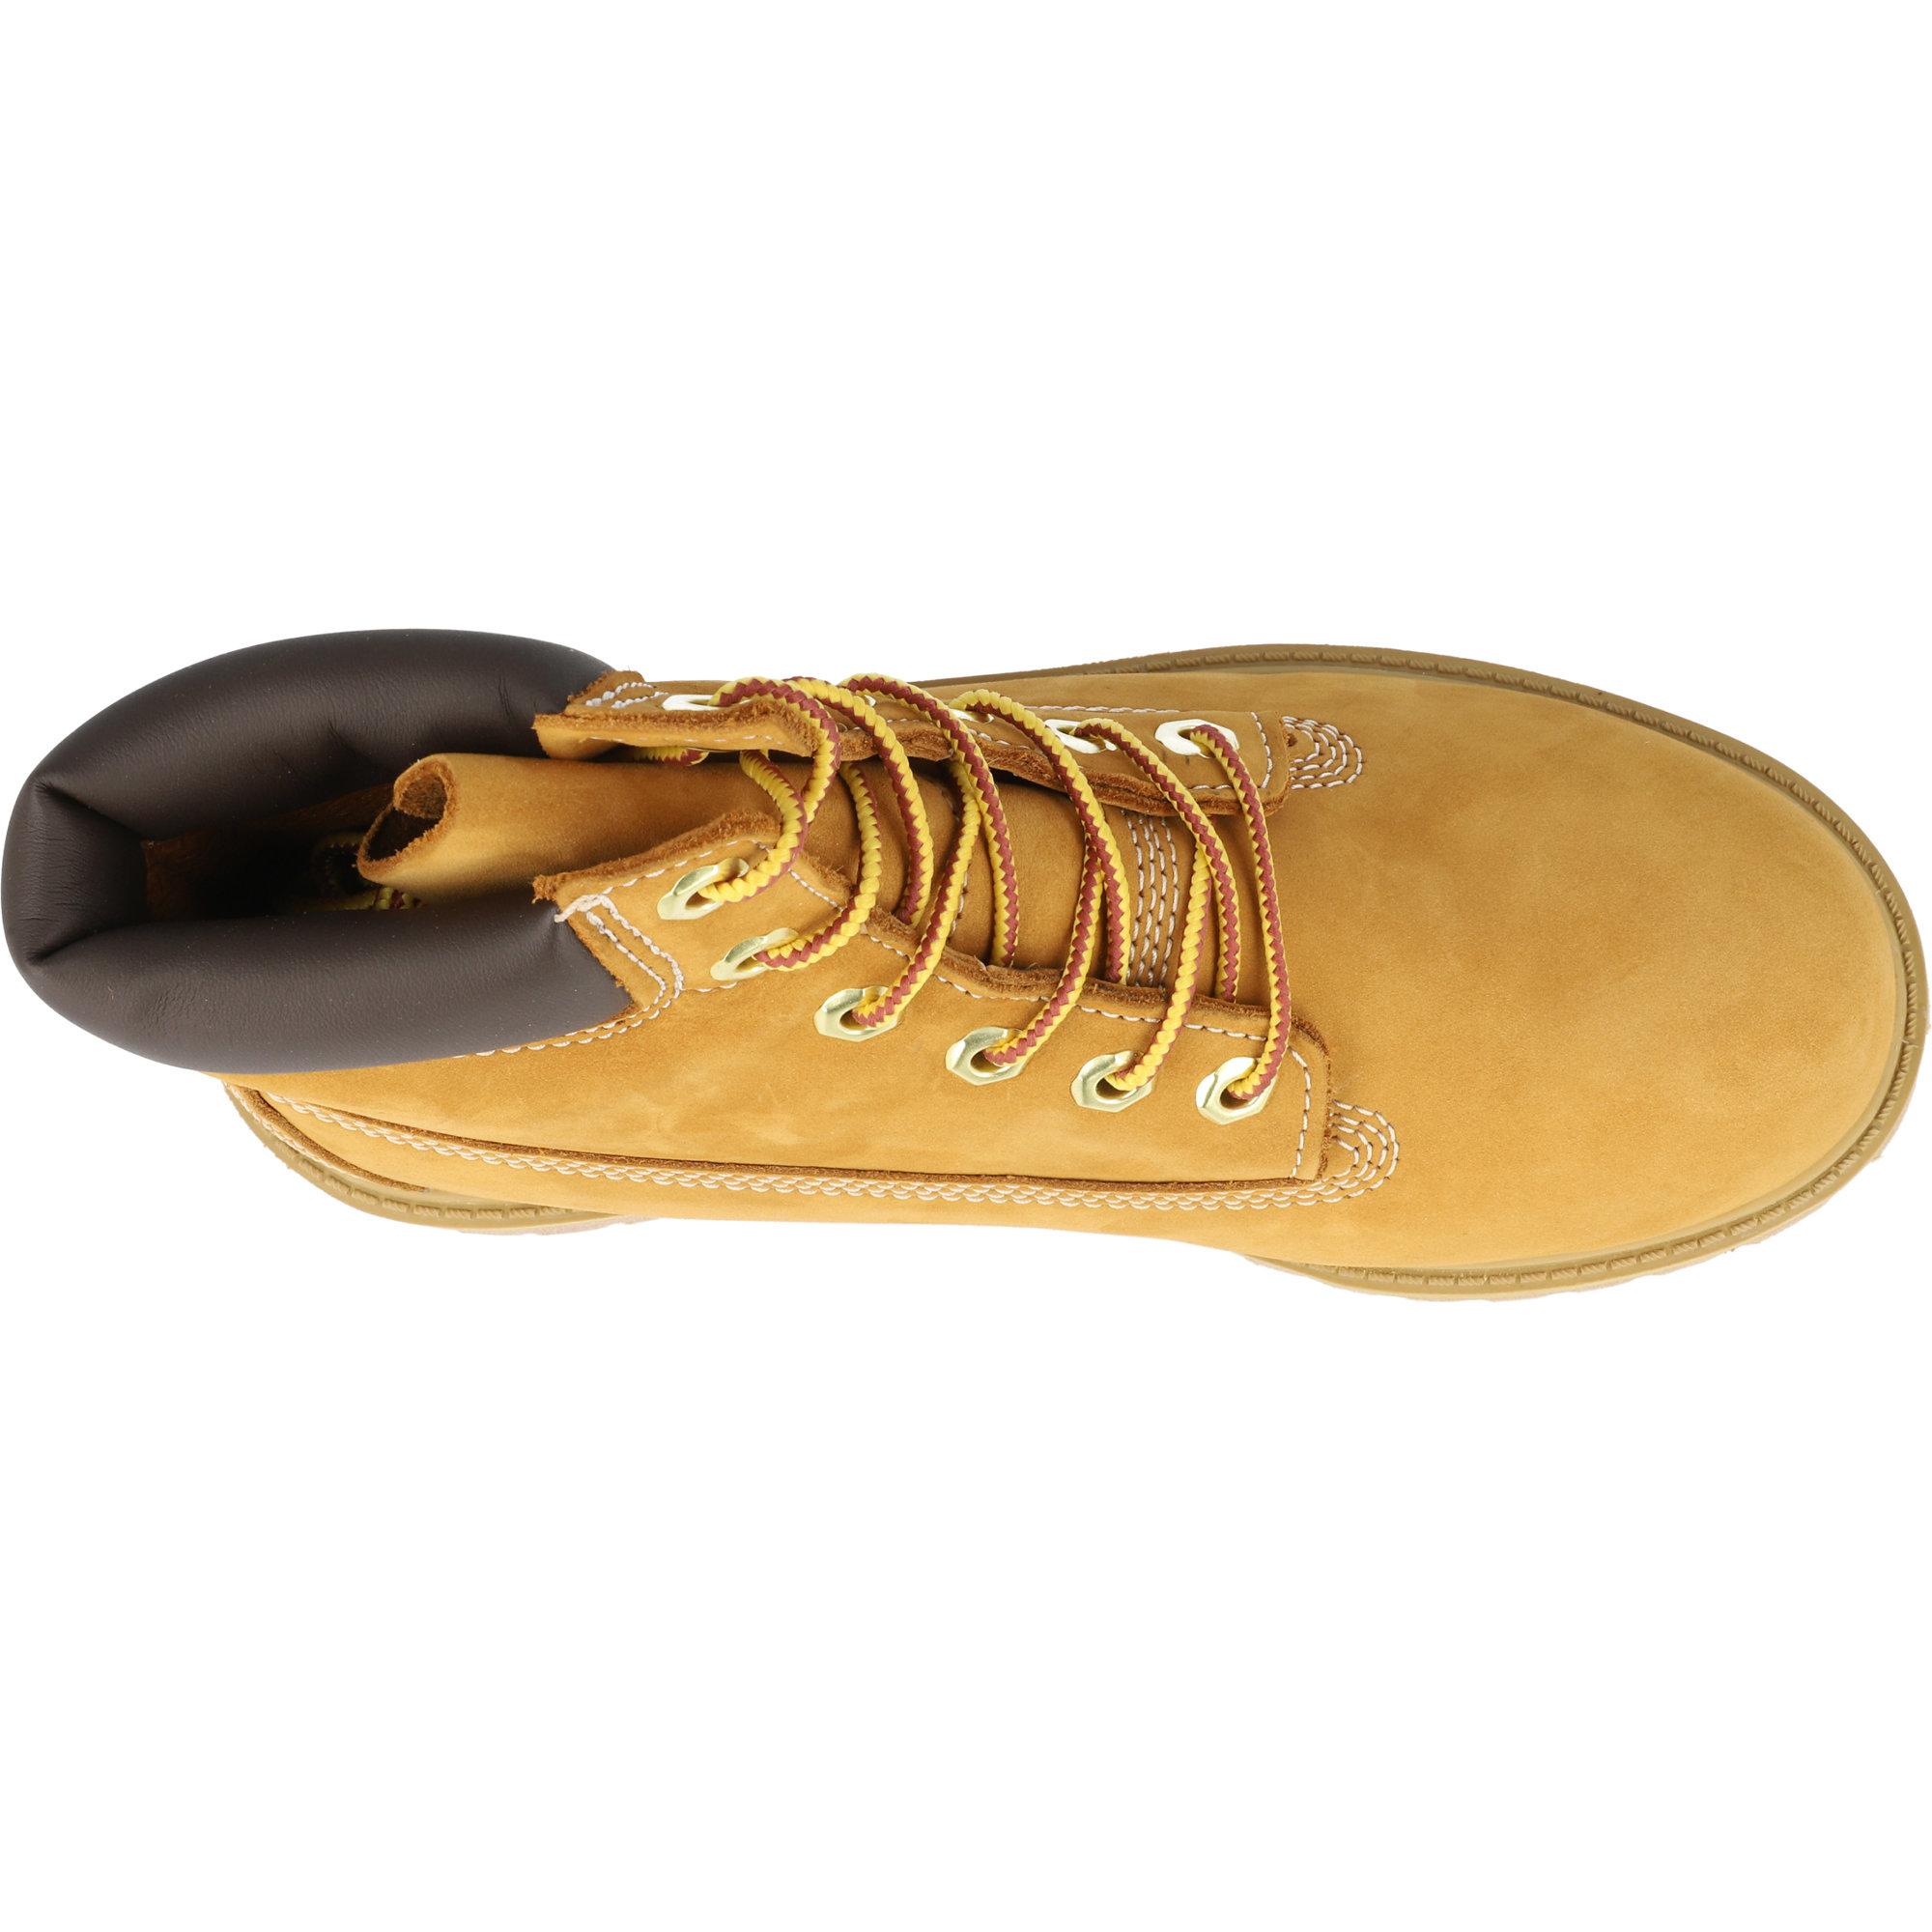 Timberland Premium 6 Inch Waterproof Boot J Wheat Nubuck